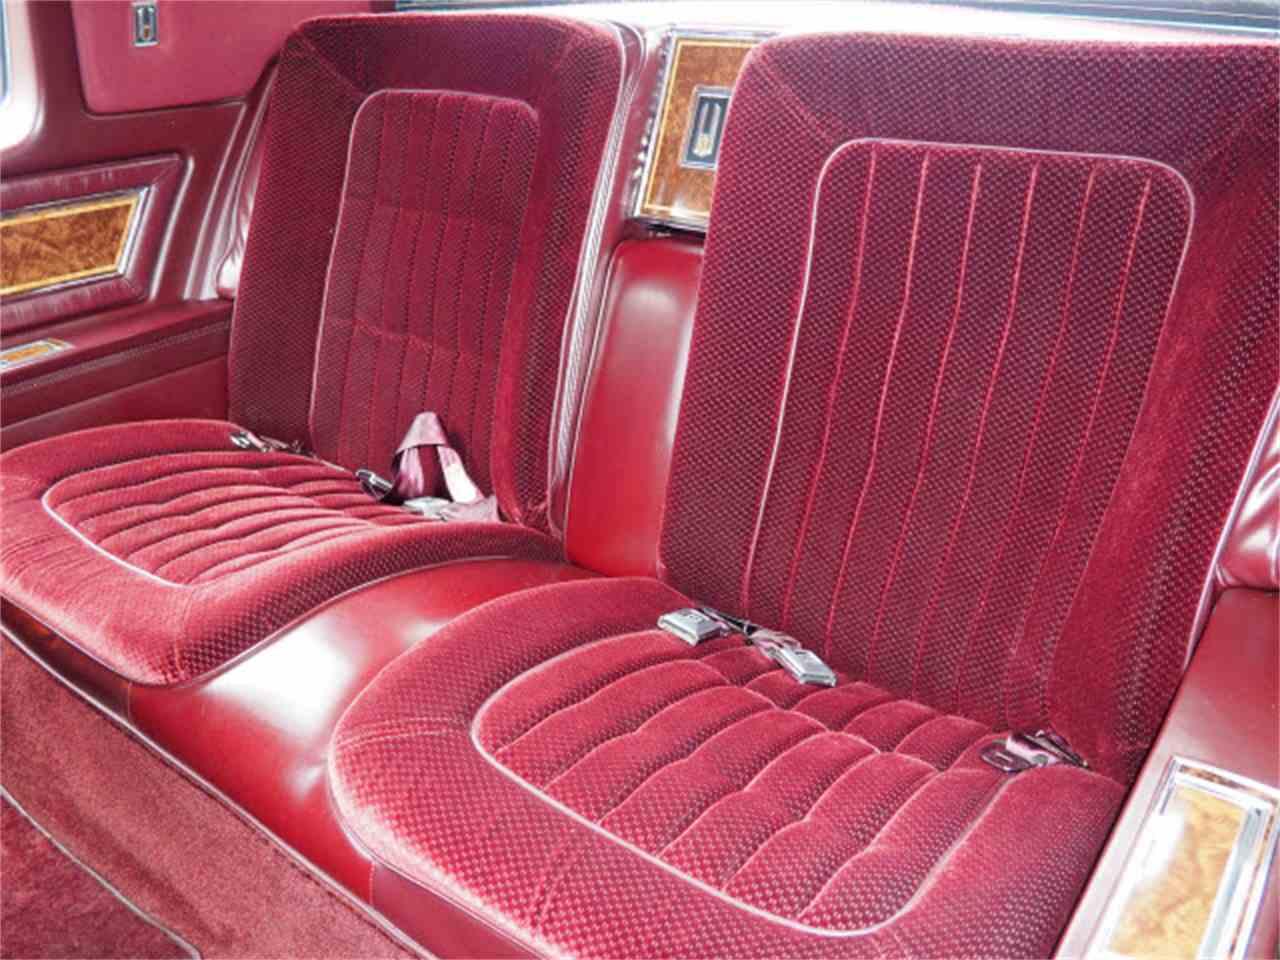 Large Picture of 1985 Toronado located in Marysville Ohio - $15,999.00 - LUQO